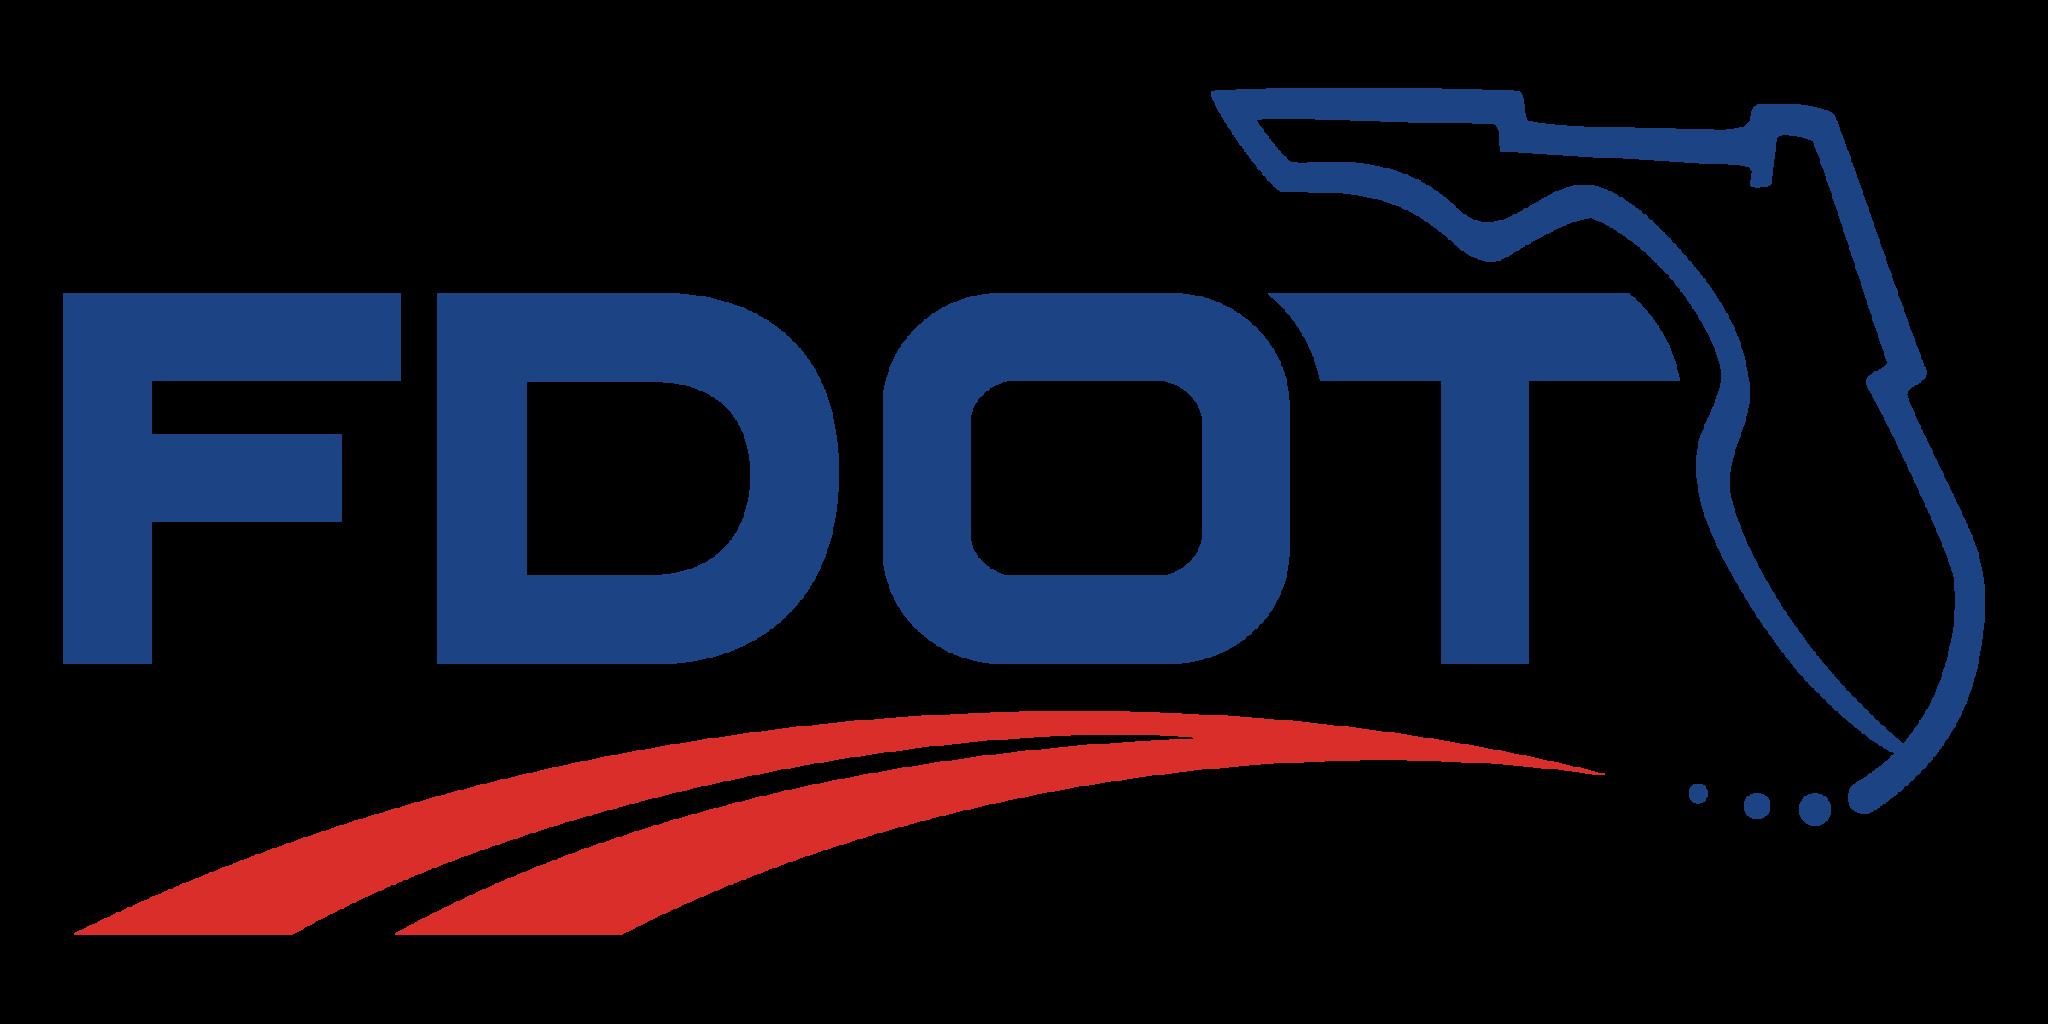 FDOTColor